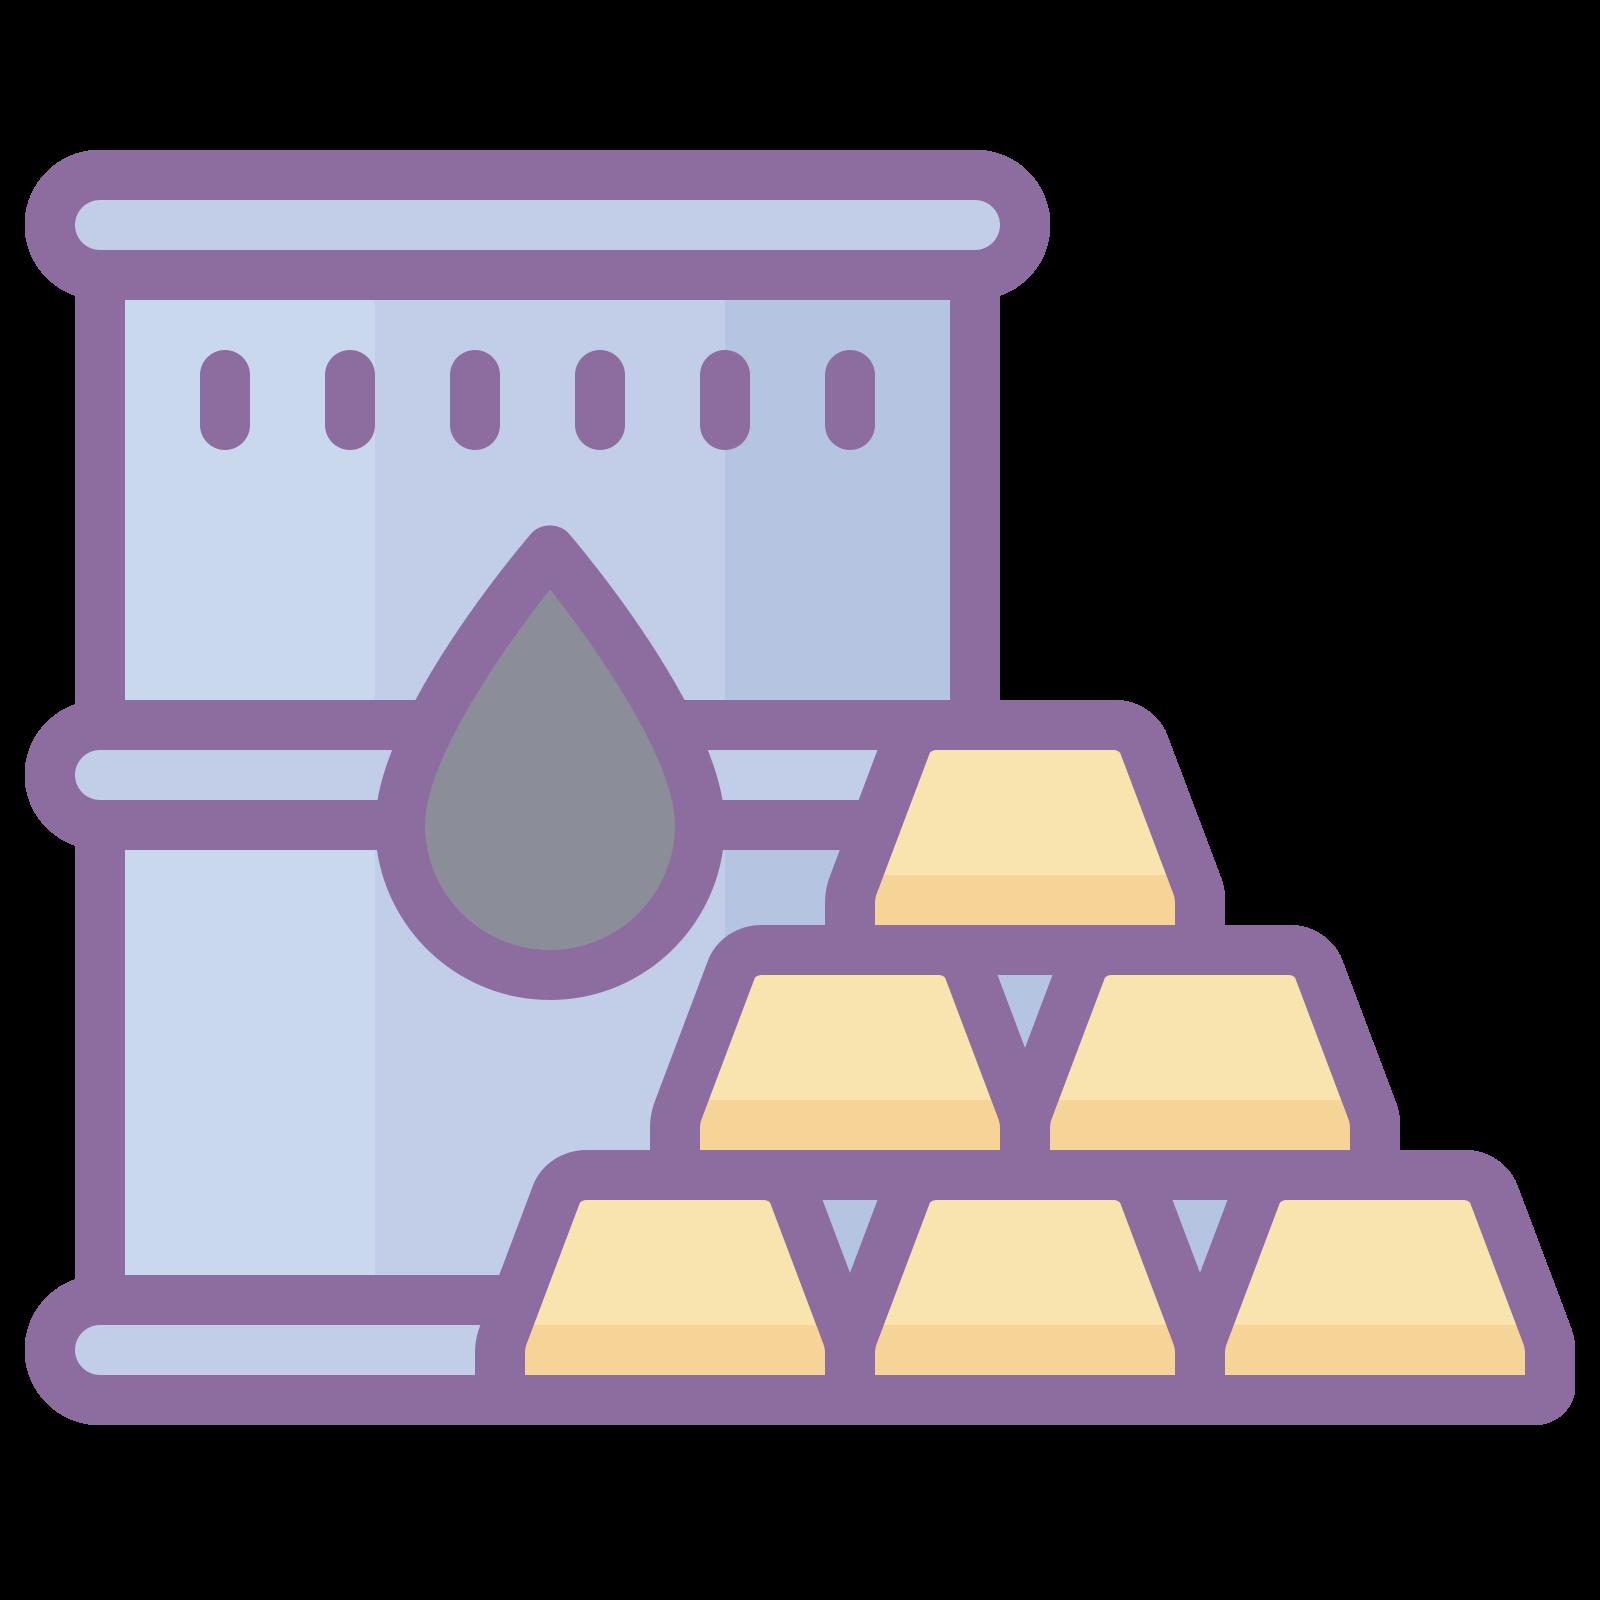 Commodity icon